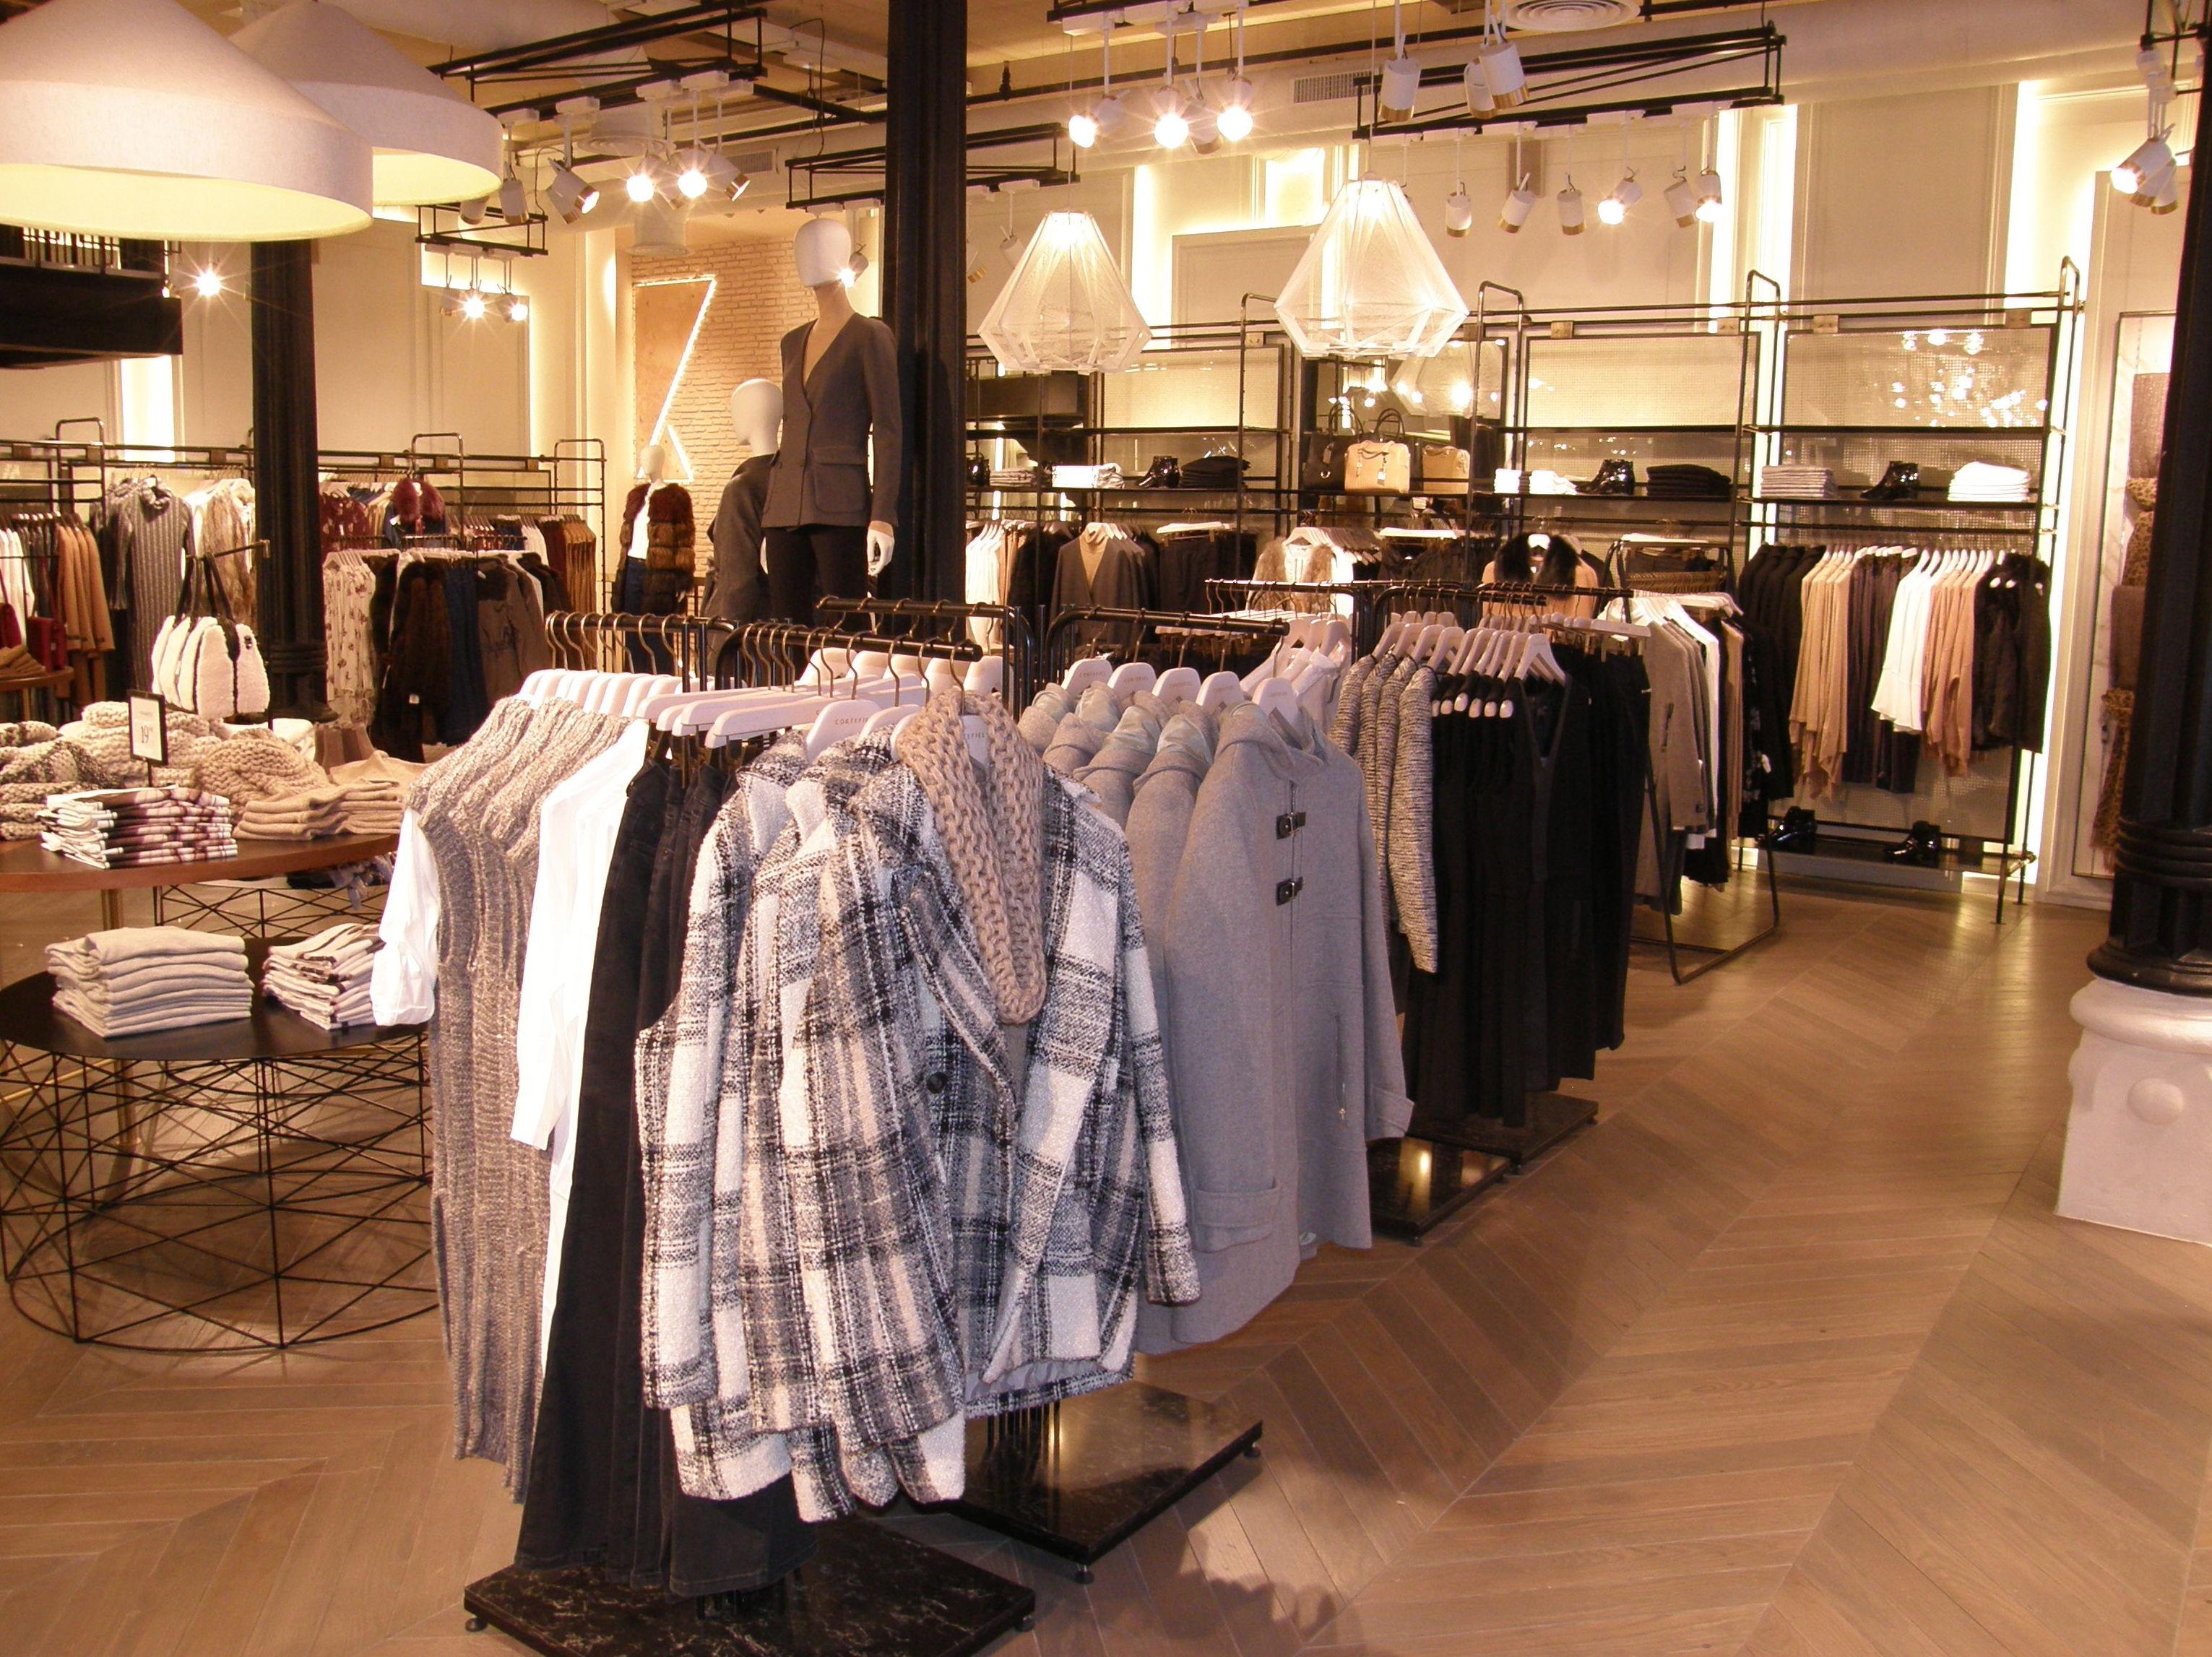 Interiorismo en tiendas de ropa